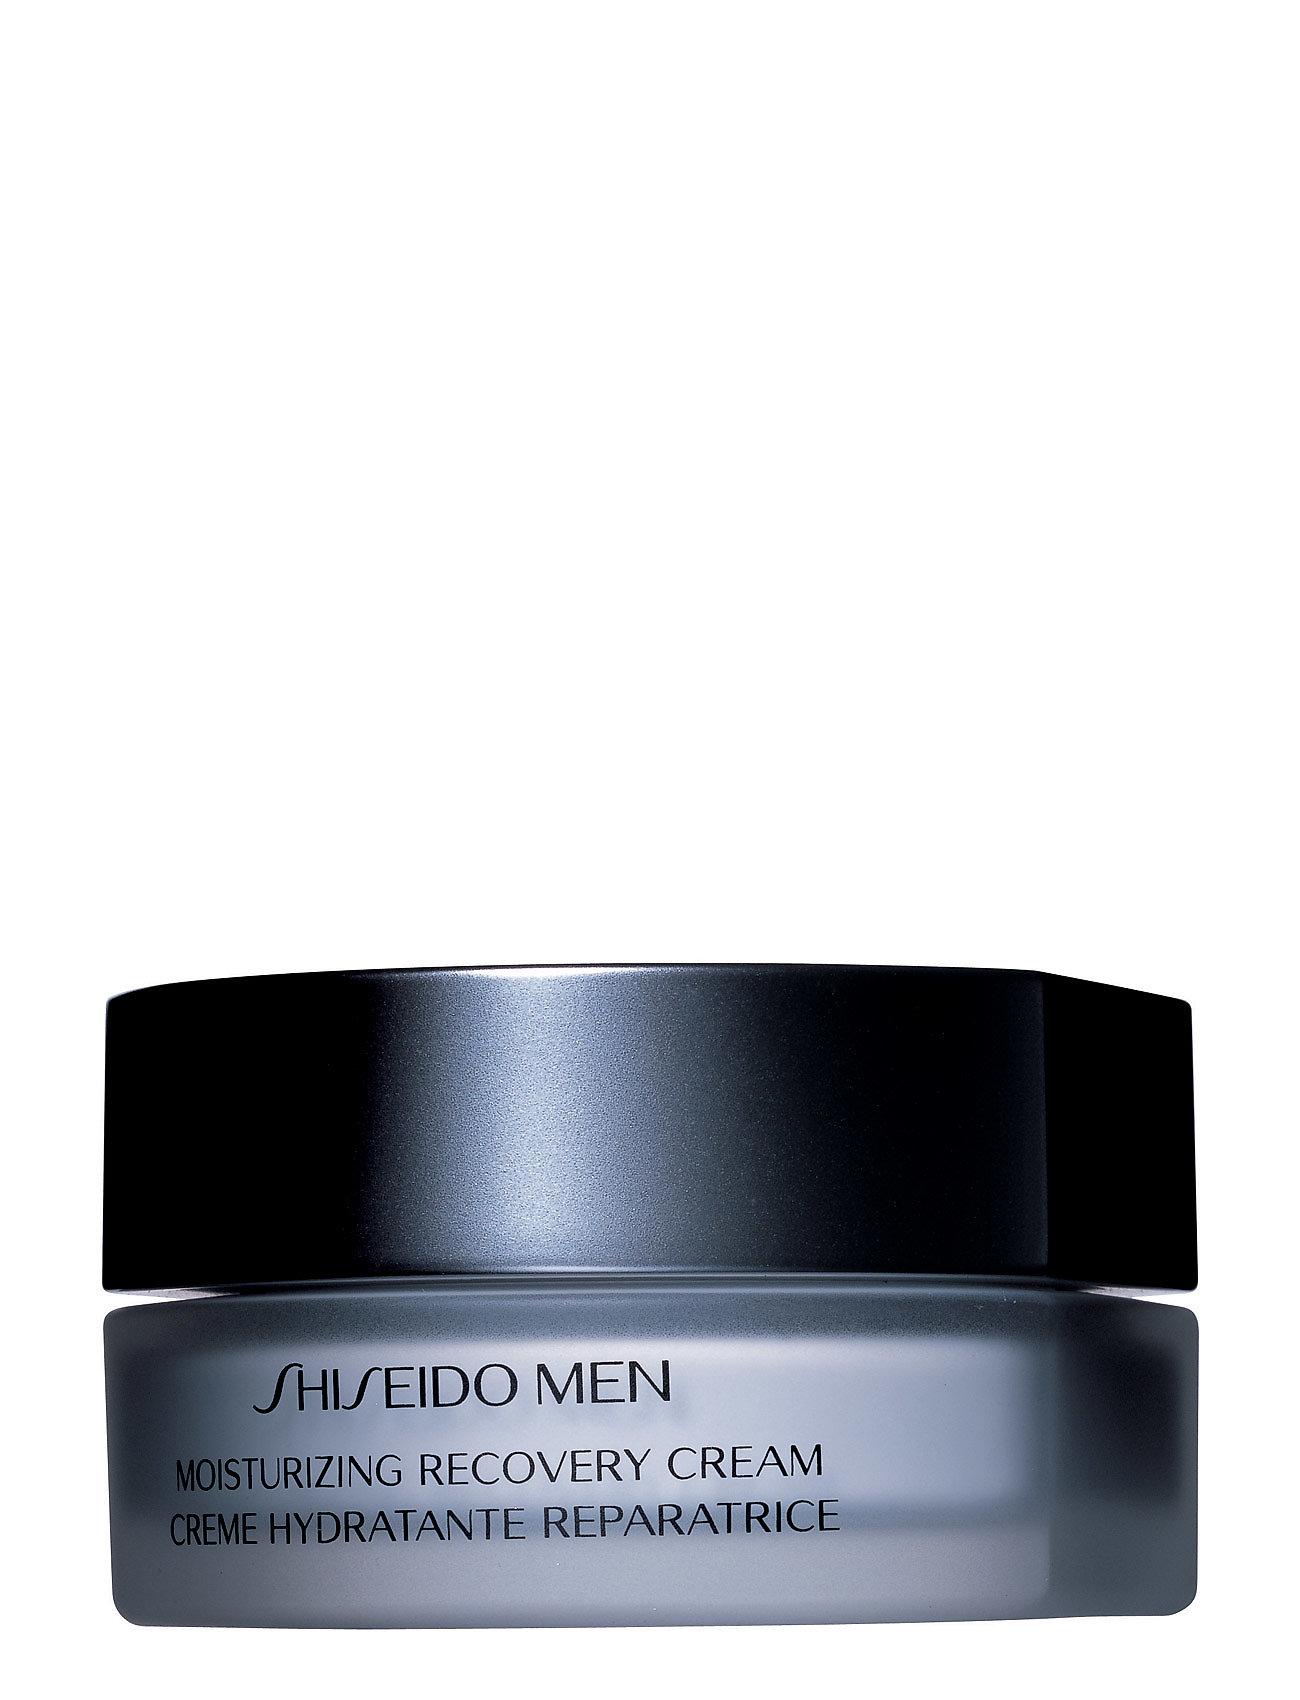 shiseido – Shiseido men moisturizing recovery på boozt.com dk